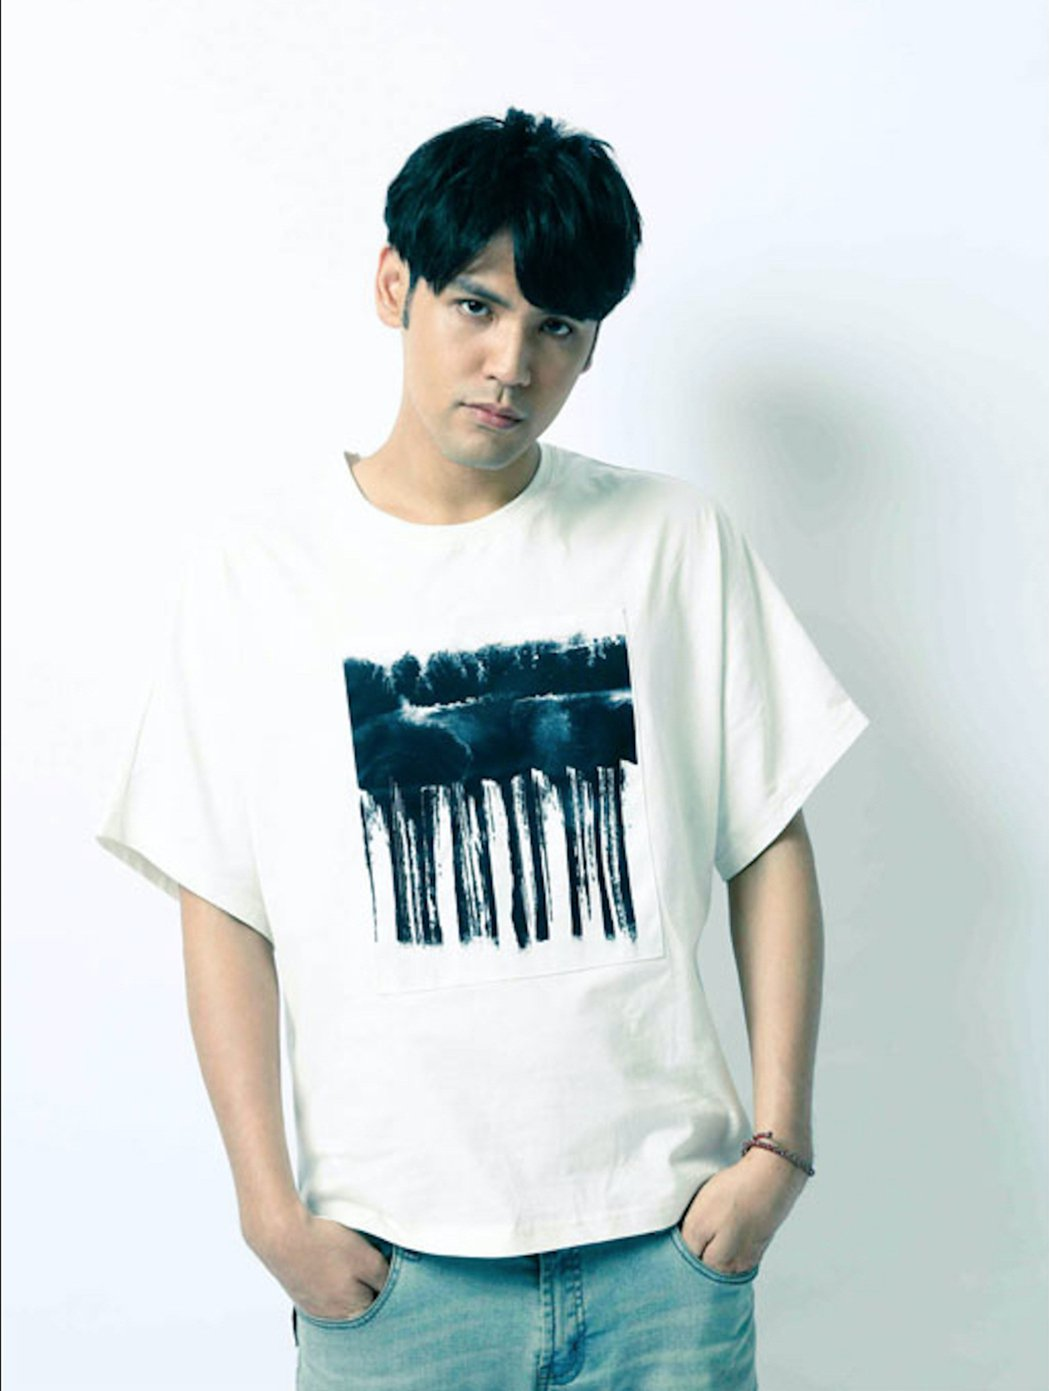 陳零九以創作歌手出道,網友發現長相有「進化」。圖/滾石提供